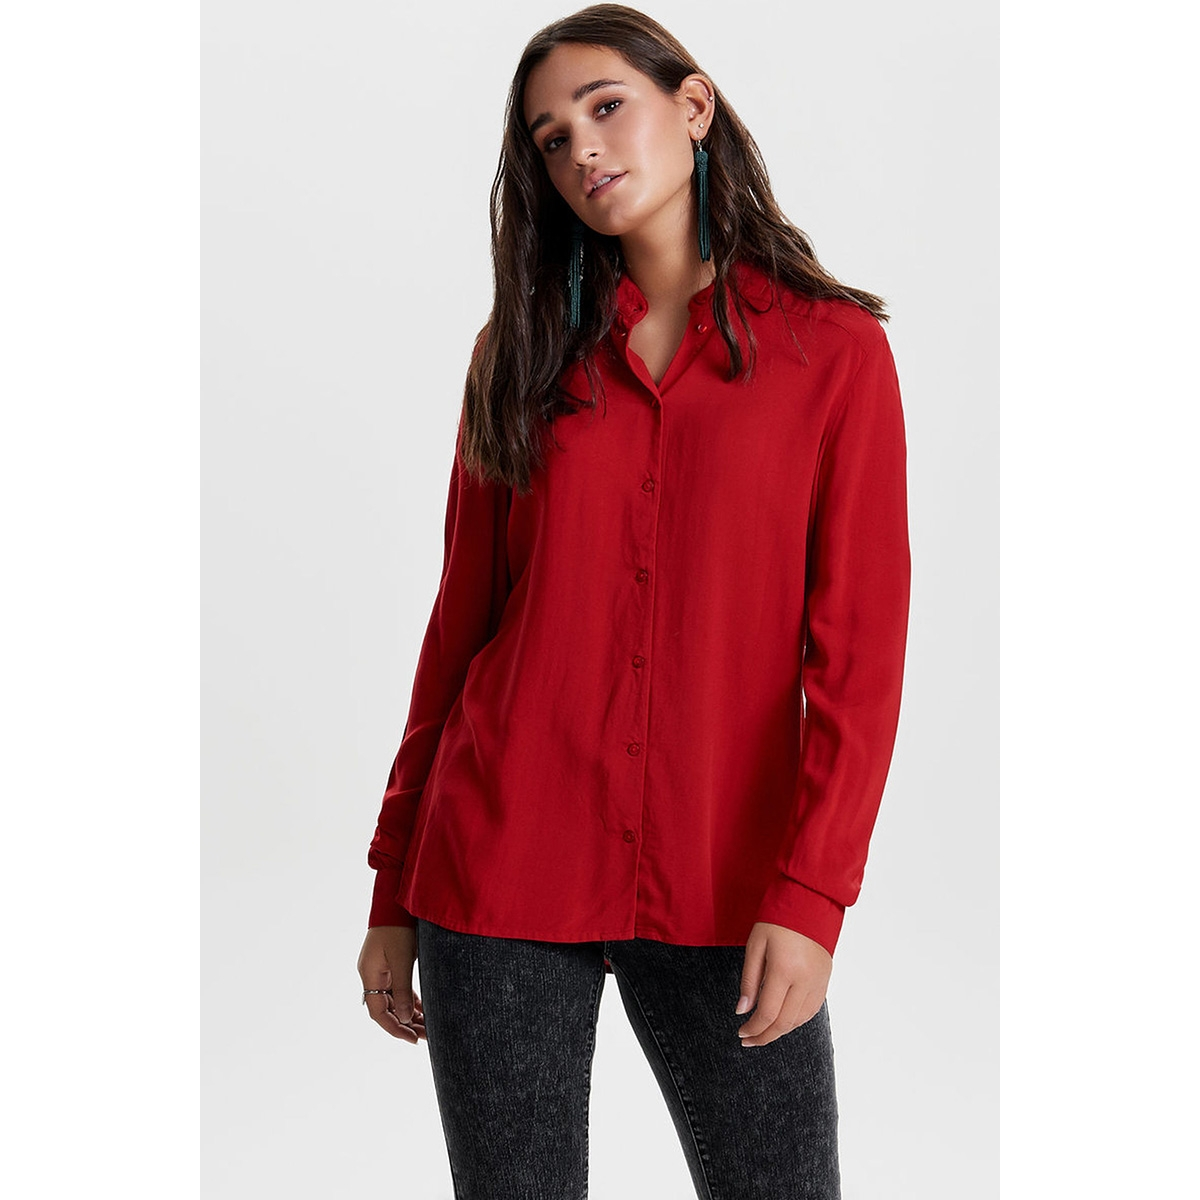 jdydicte l/s shirt wvn 15140848 jacqueline de yong blouse scarlet sage